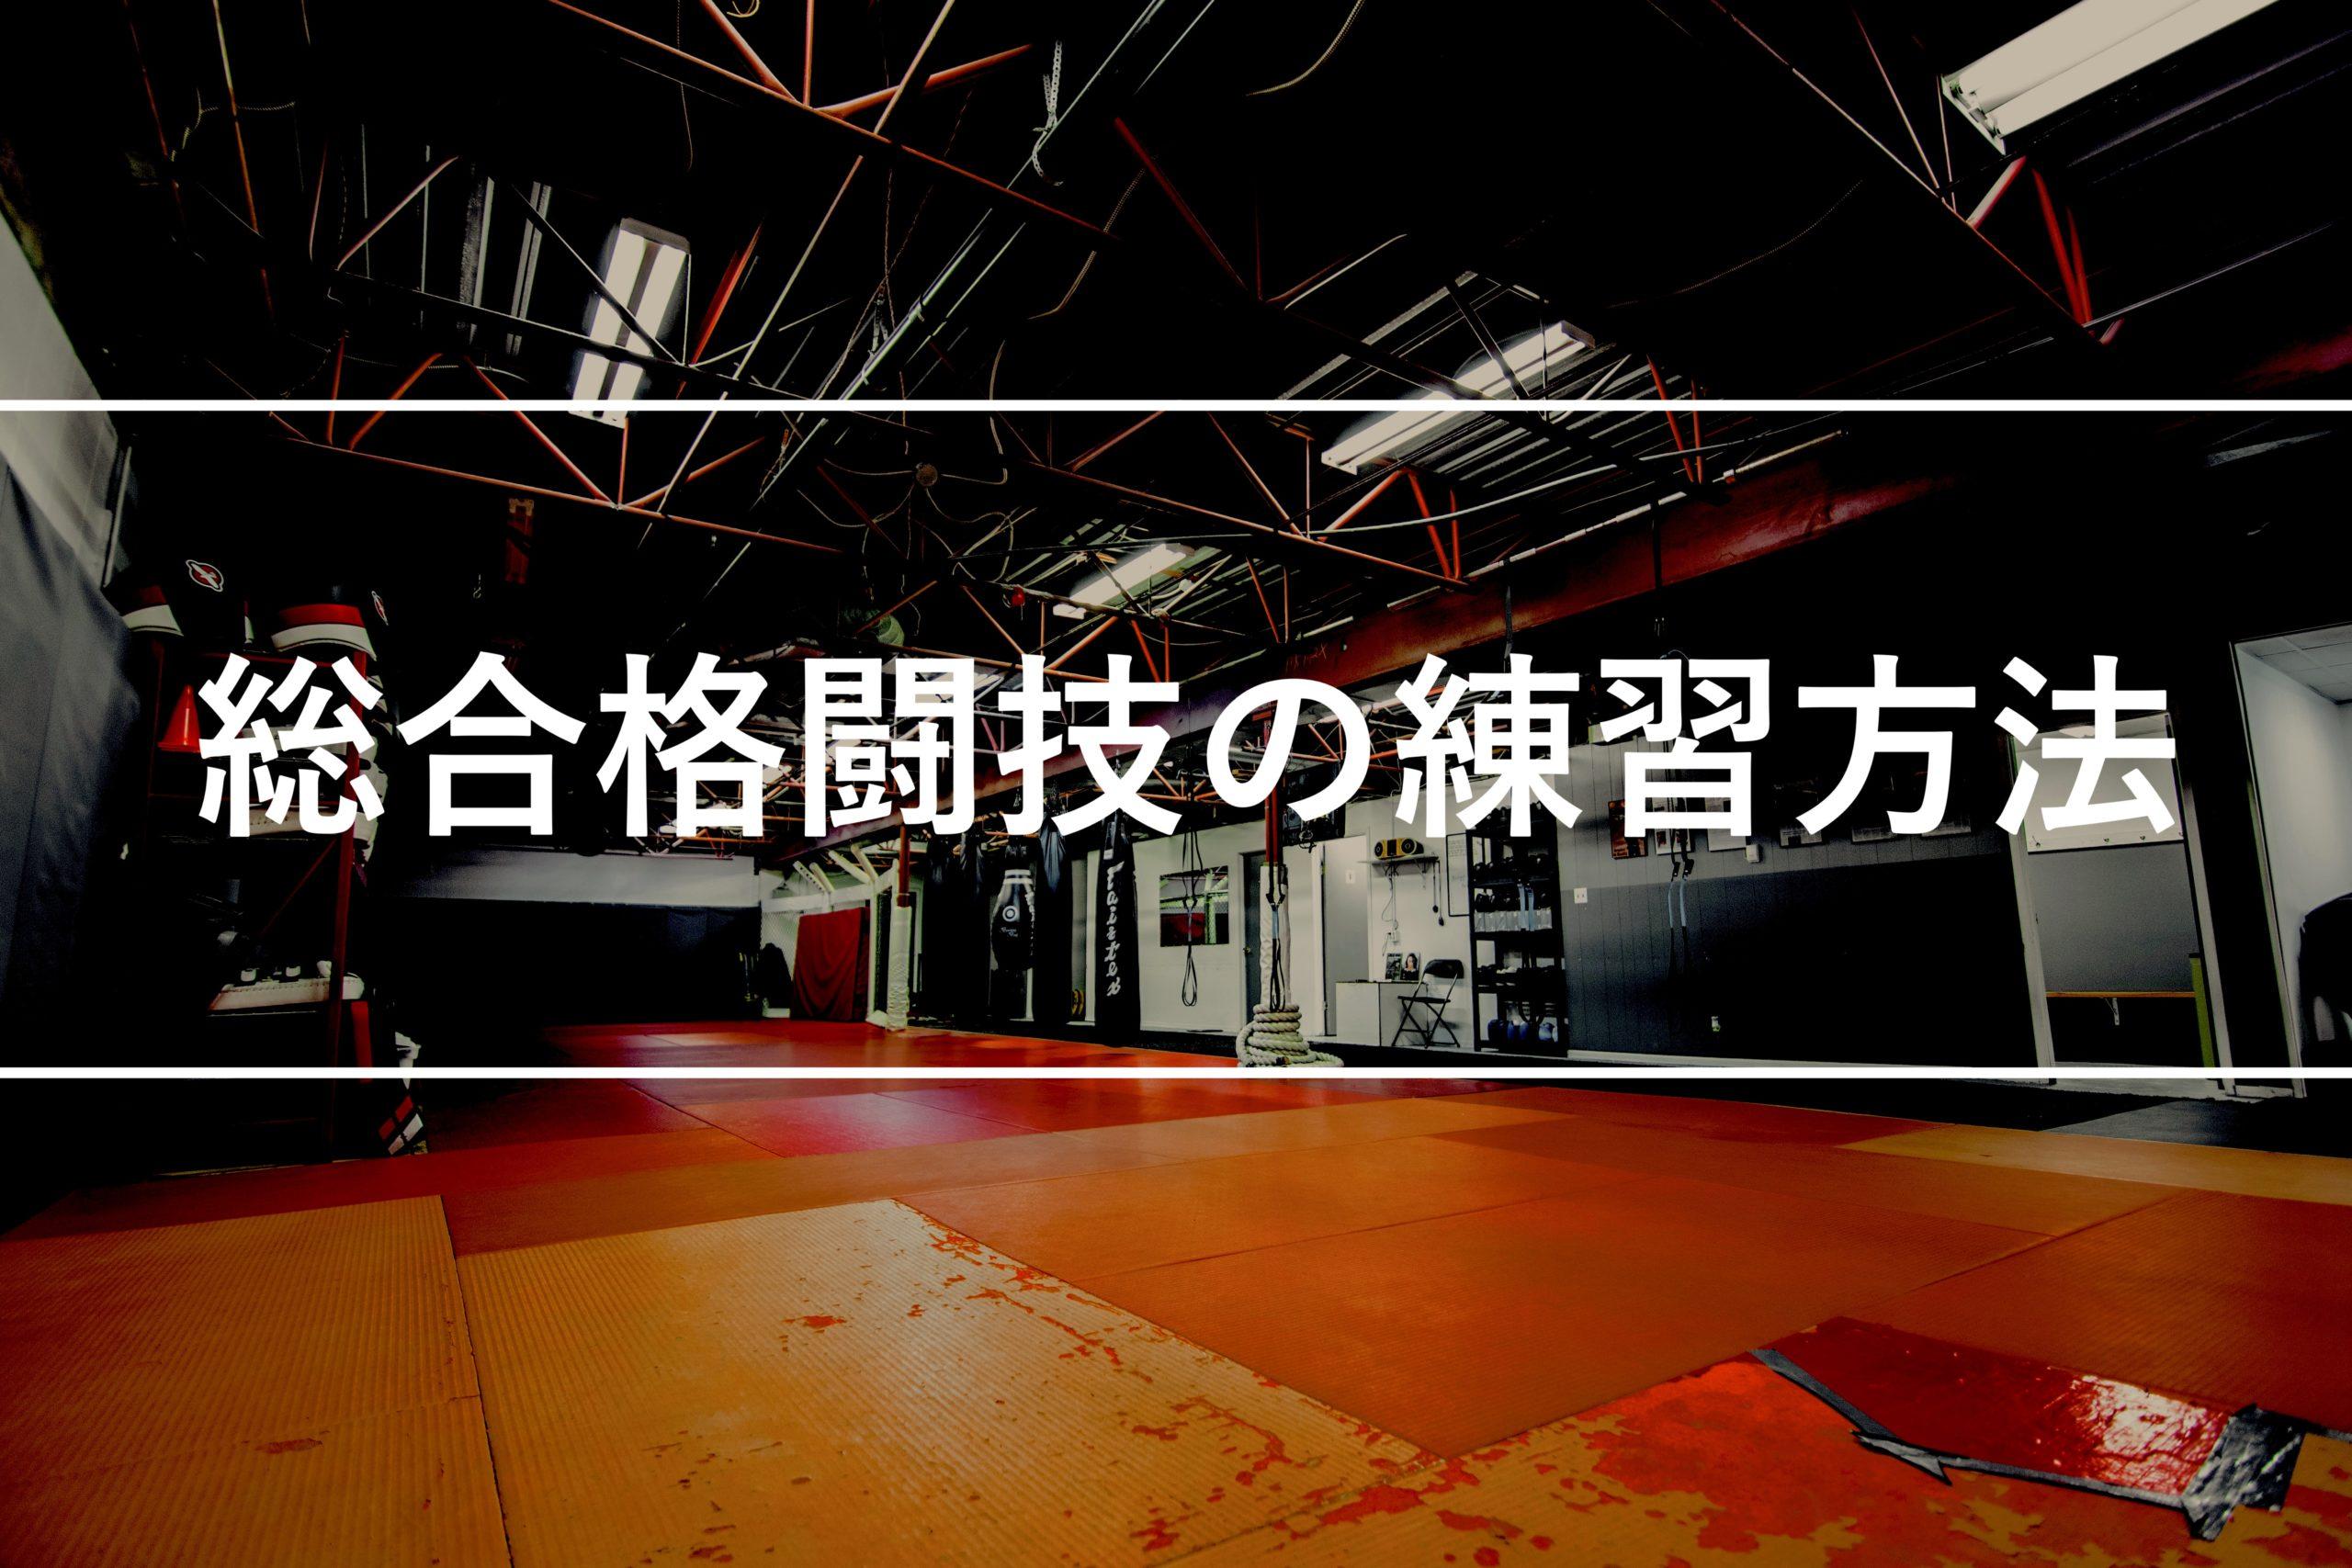 総合格闘技の練習方法を紹介します。初心者が効率良く強くなるには?